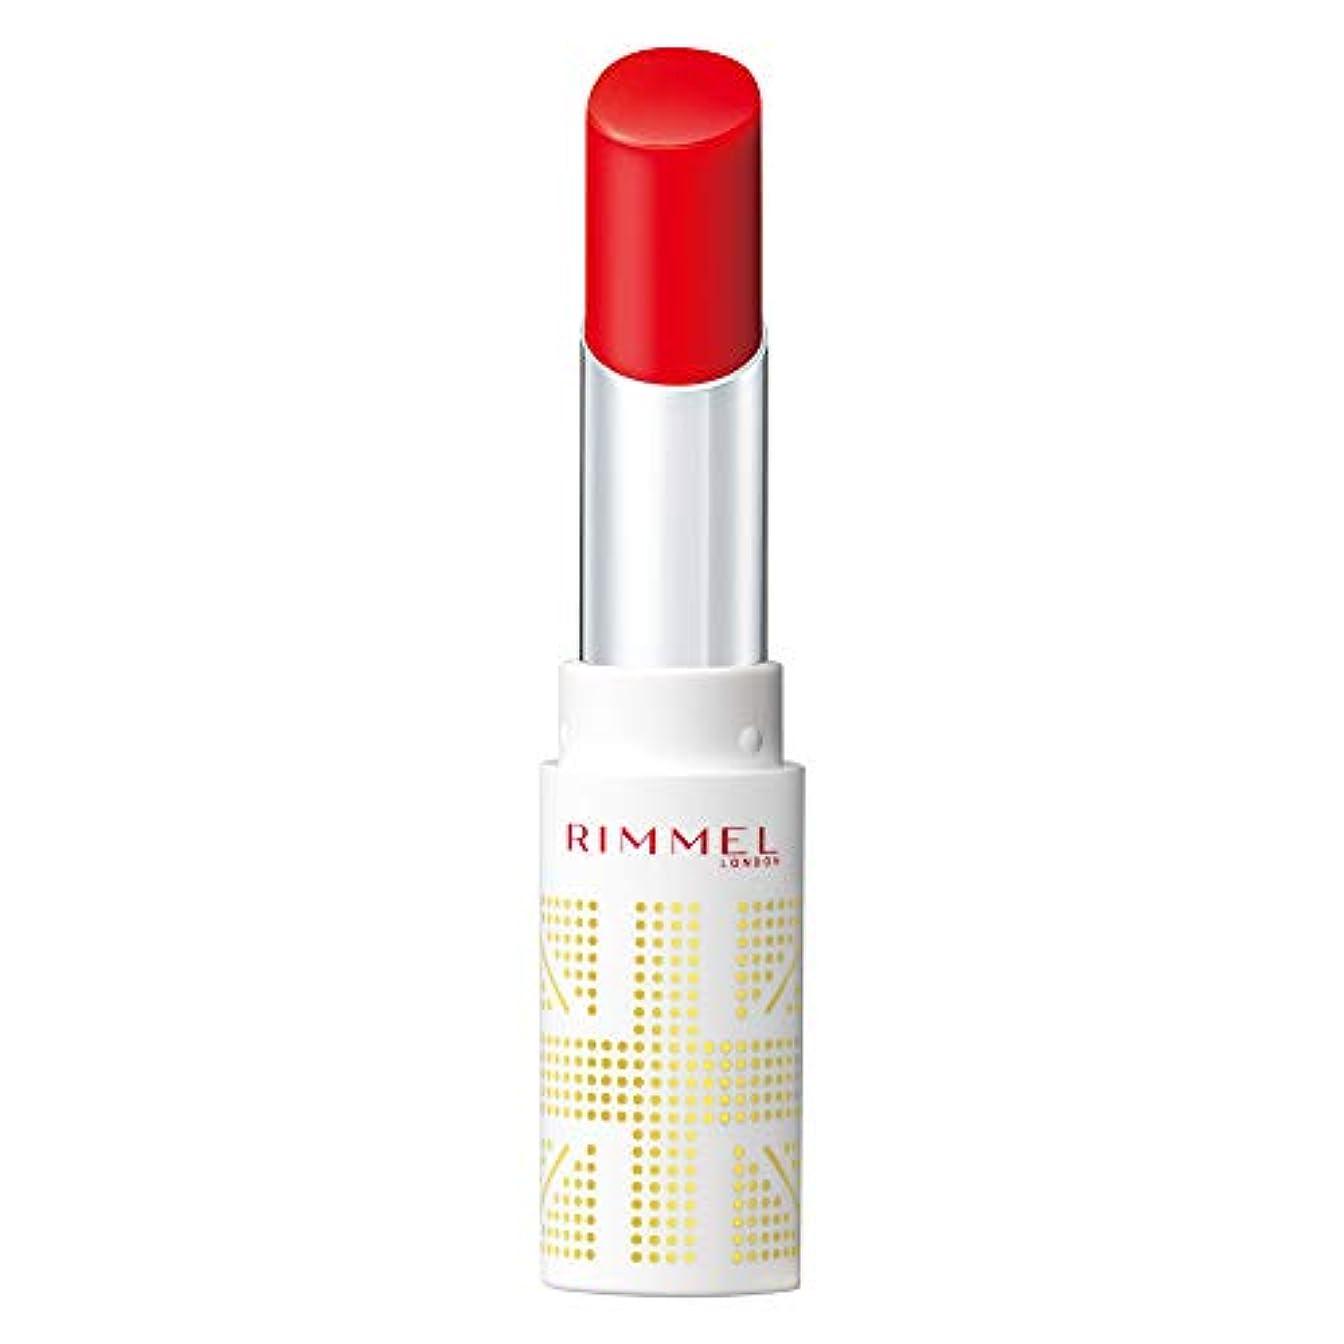 ニックネーム完璧な多様性Rimmel (リンメル) リンメル ラスティングフィニッシュ オイルティントリップ 002 マンダリンレッド 3.8g 口紅